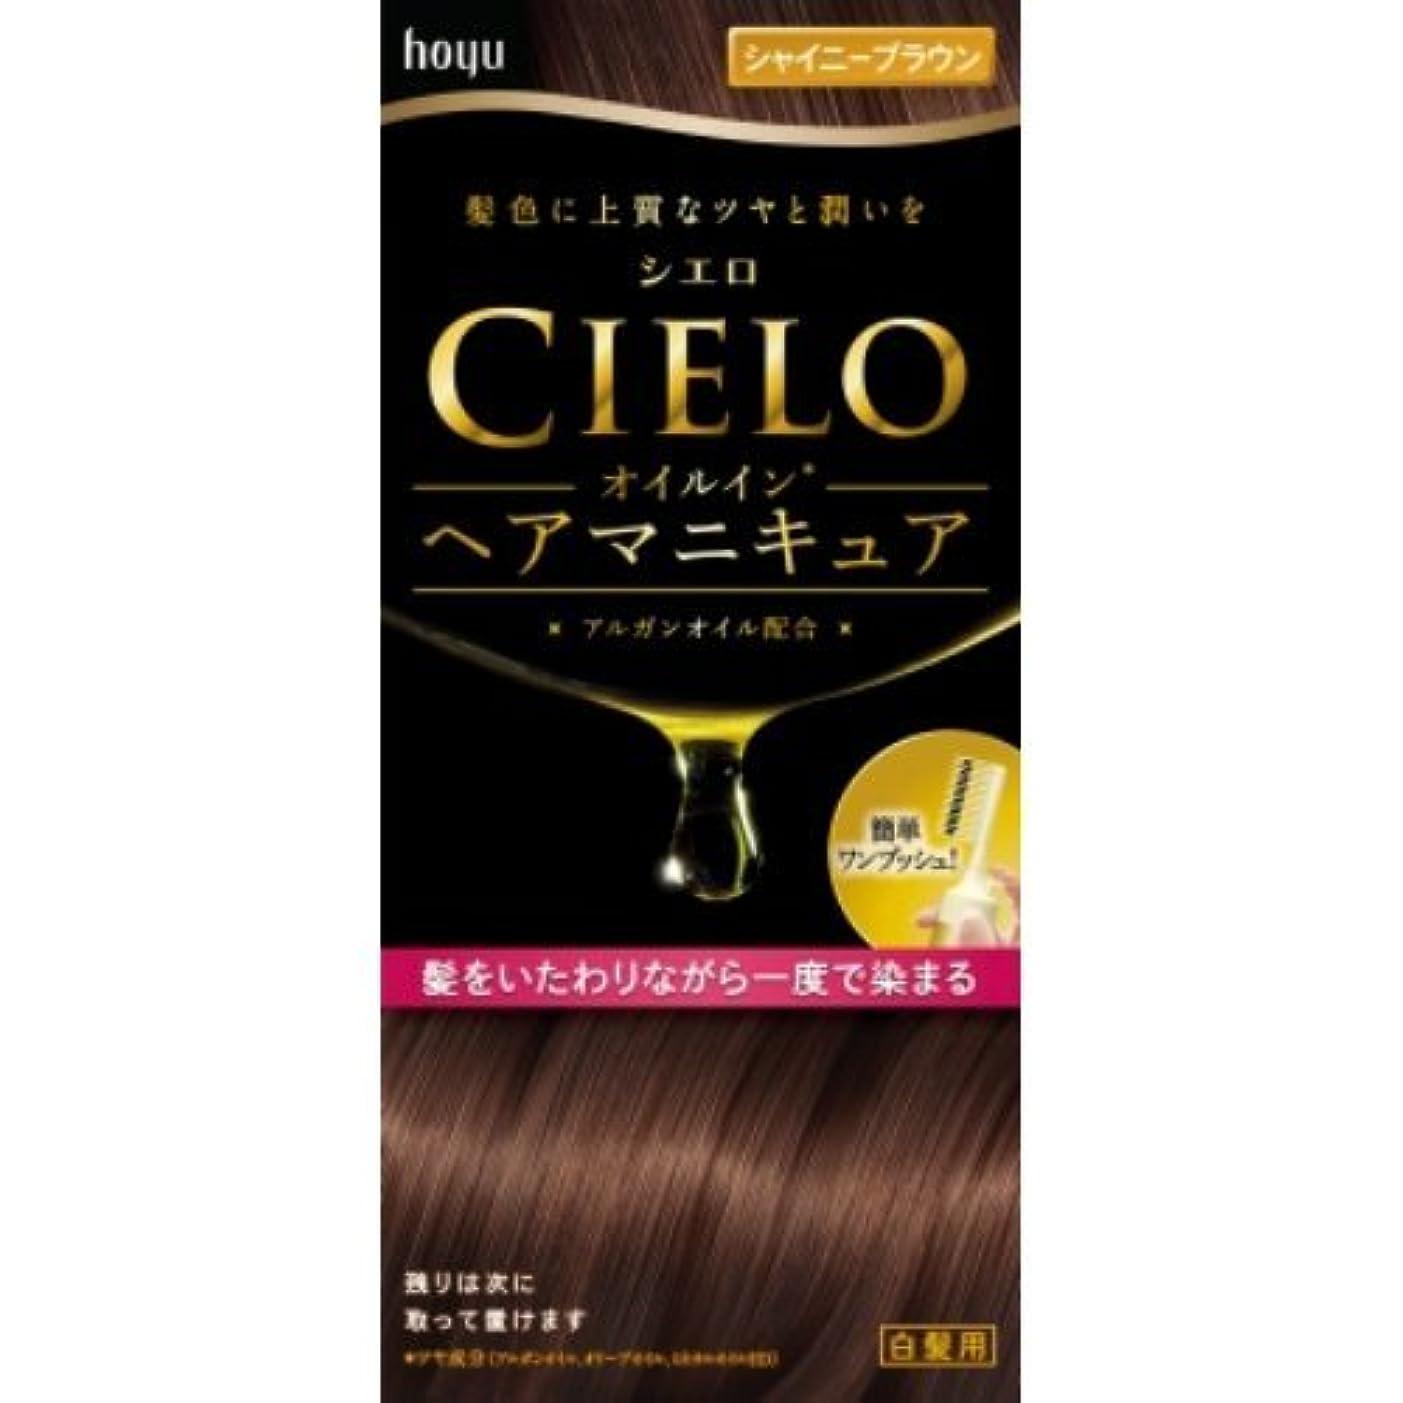 シエロ オイルインヘアマニキュア シャイニーブラウン × 5個セット